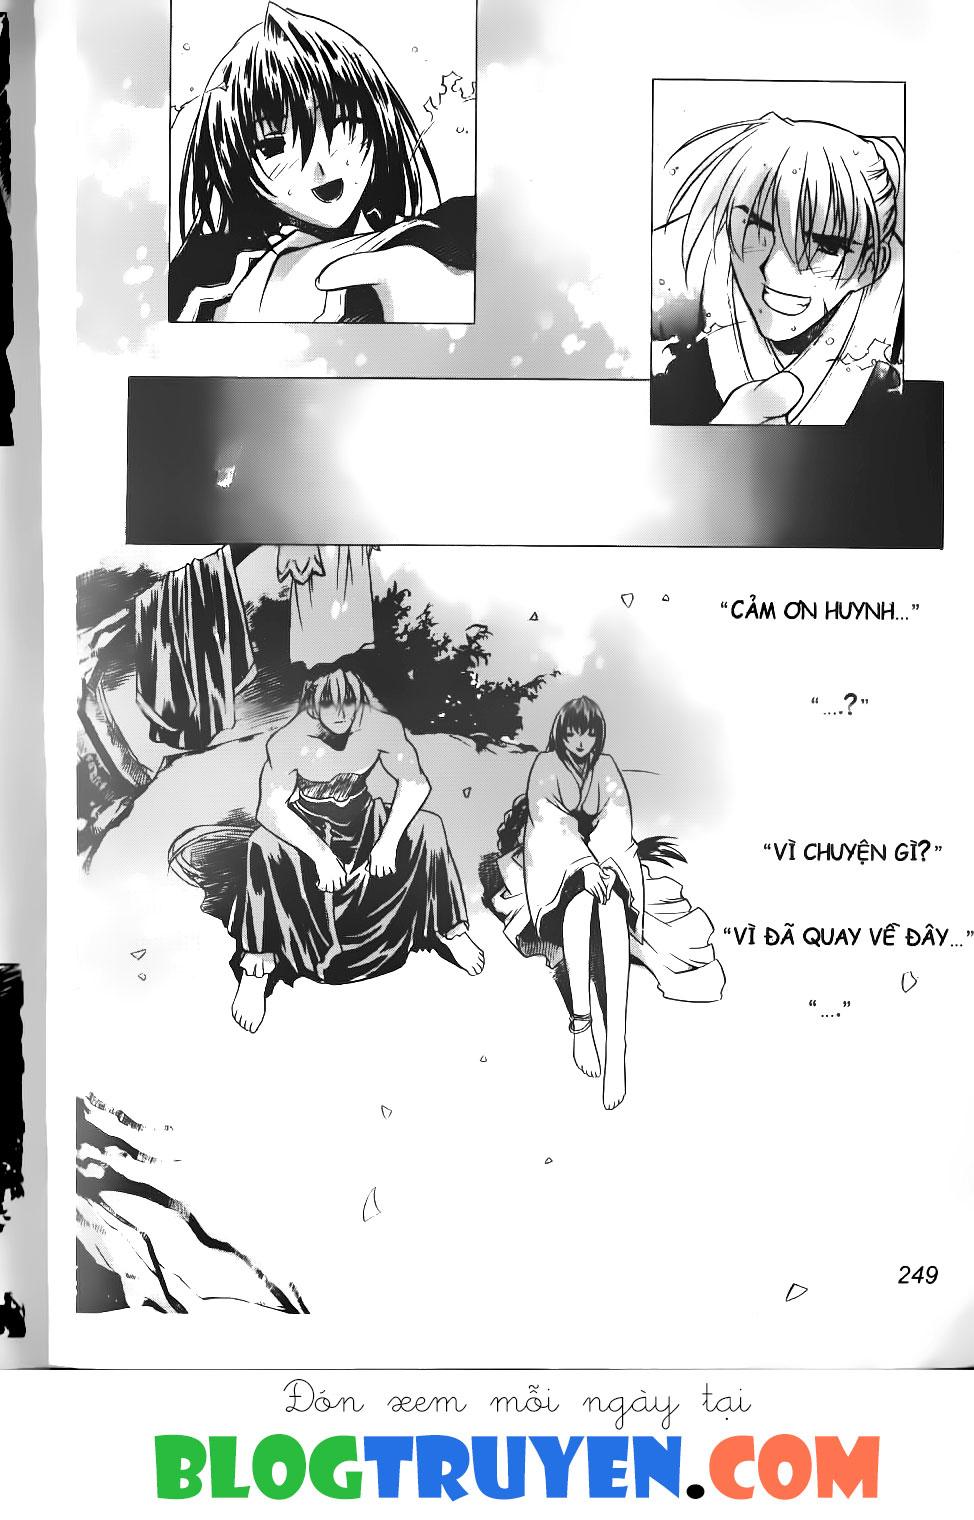 Thiên Lang Liệt Truyện chap 123 – Kết thúc Trang 18 - Mangak.info